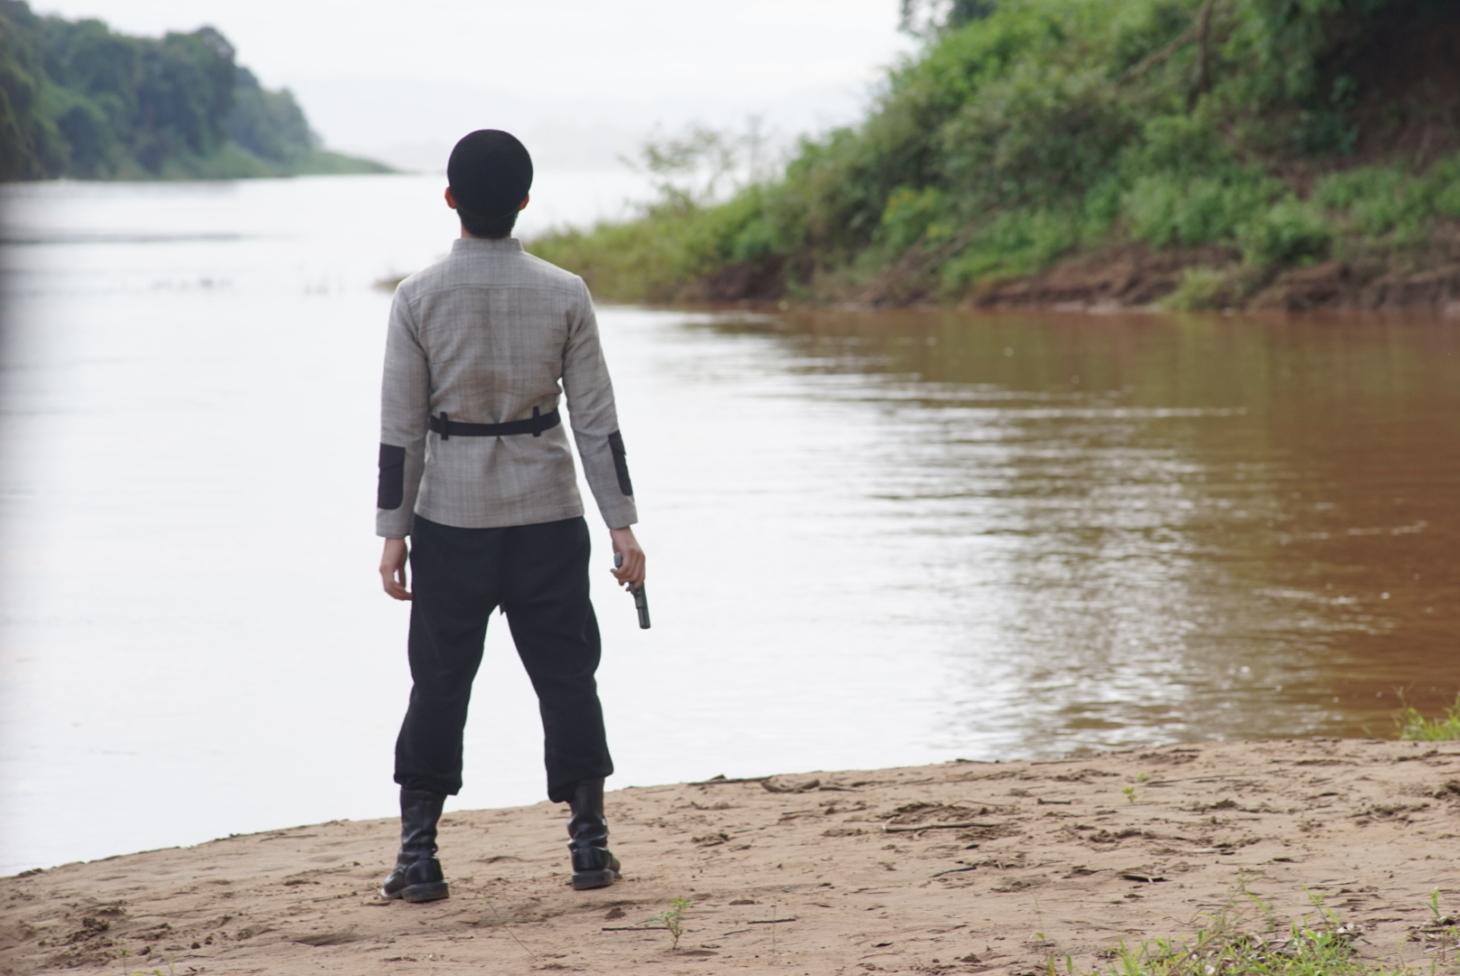 Các tác phẩm trong dự án Mekong 2030 gắn liền những thảm họa môi trường với sự suy thoái đạo đức của con người. Ảnh: Phim The Che Brother (Anysay Keola)